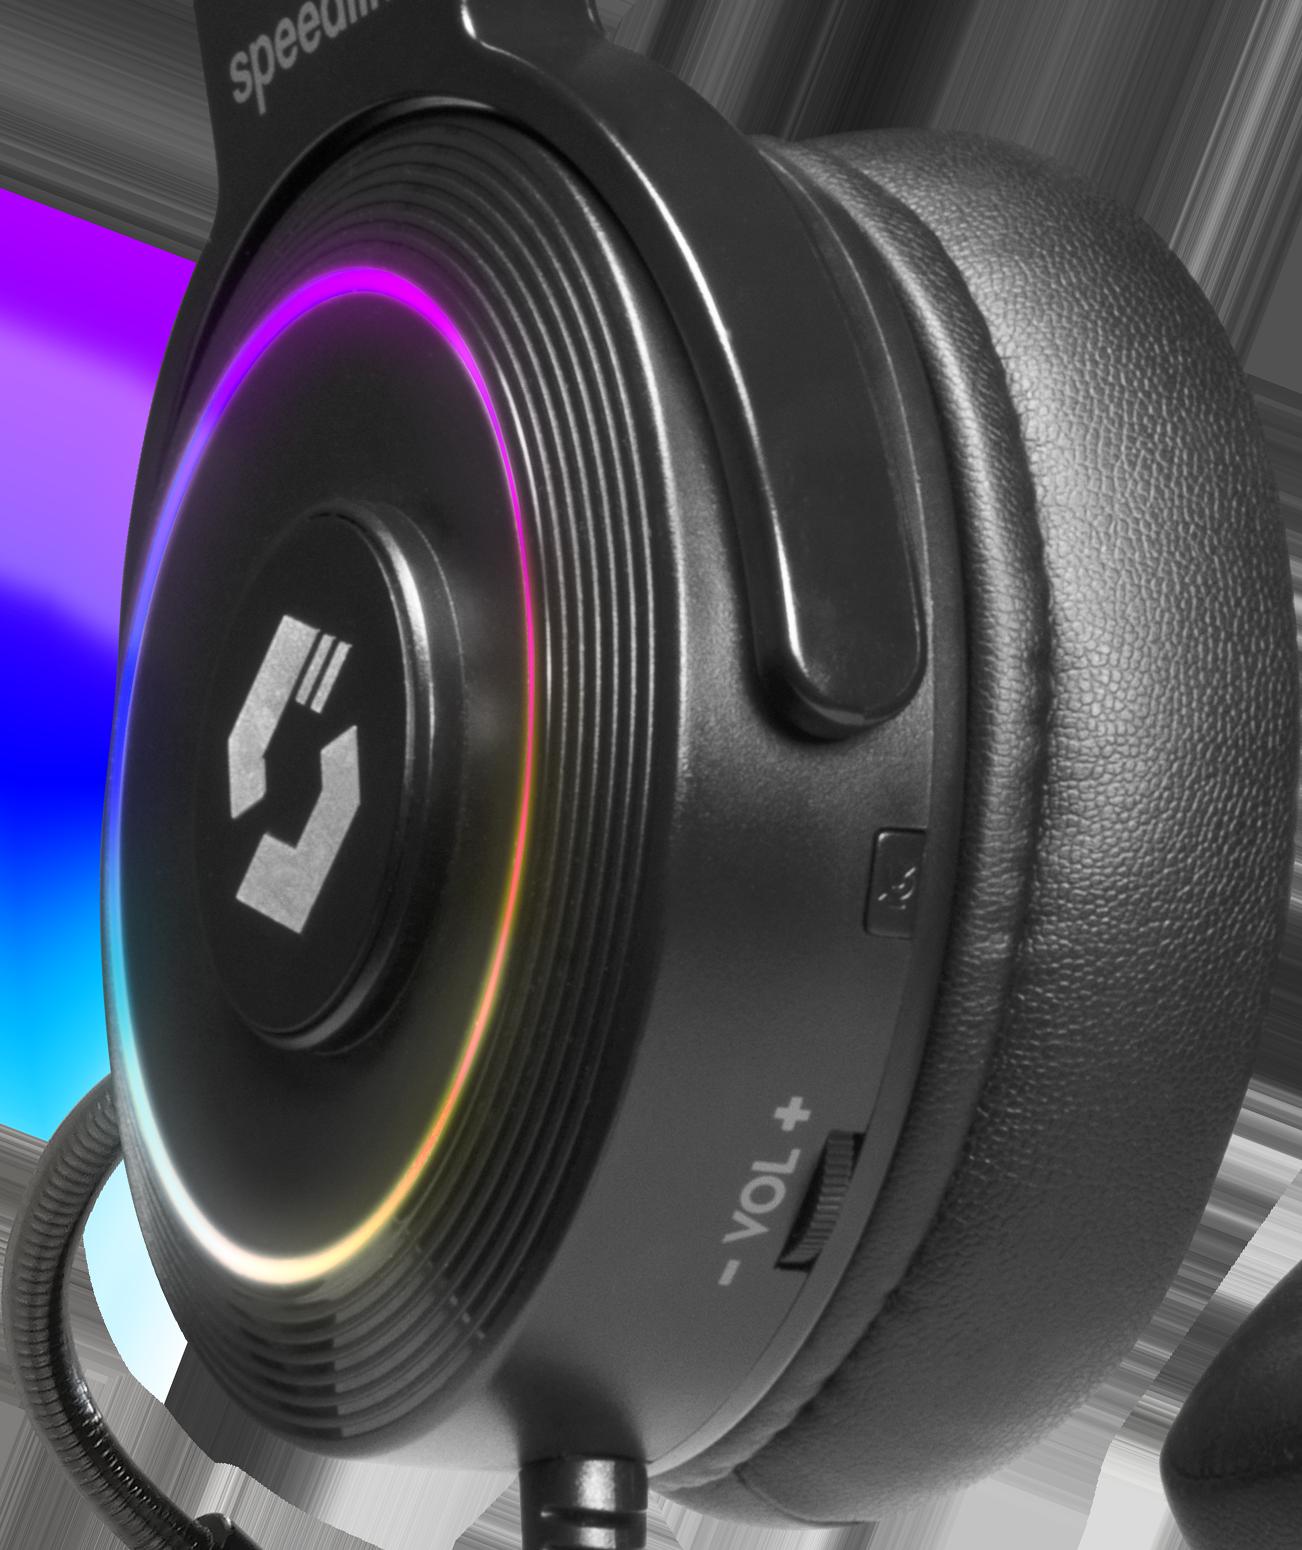 ORIOS RGB 7.1 Gaming Headset, black